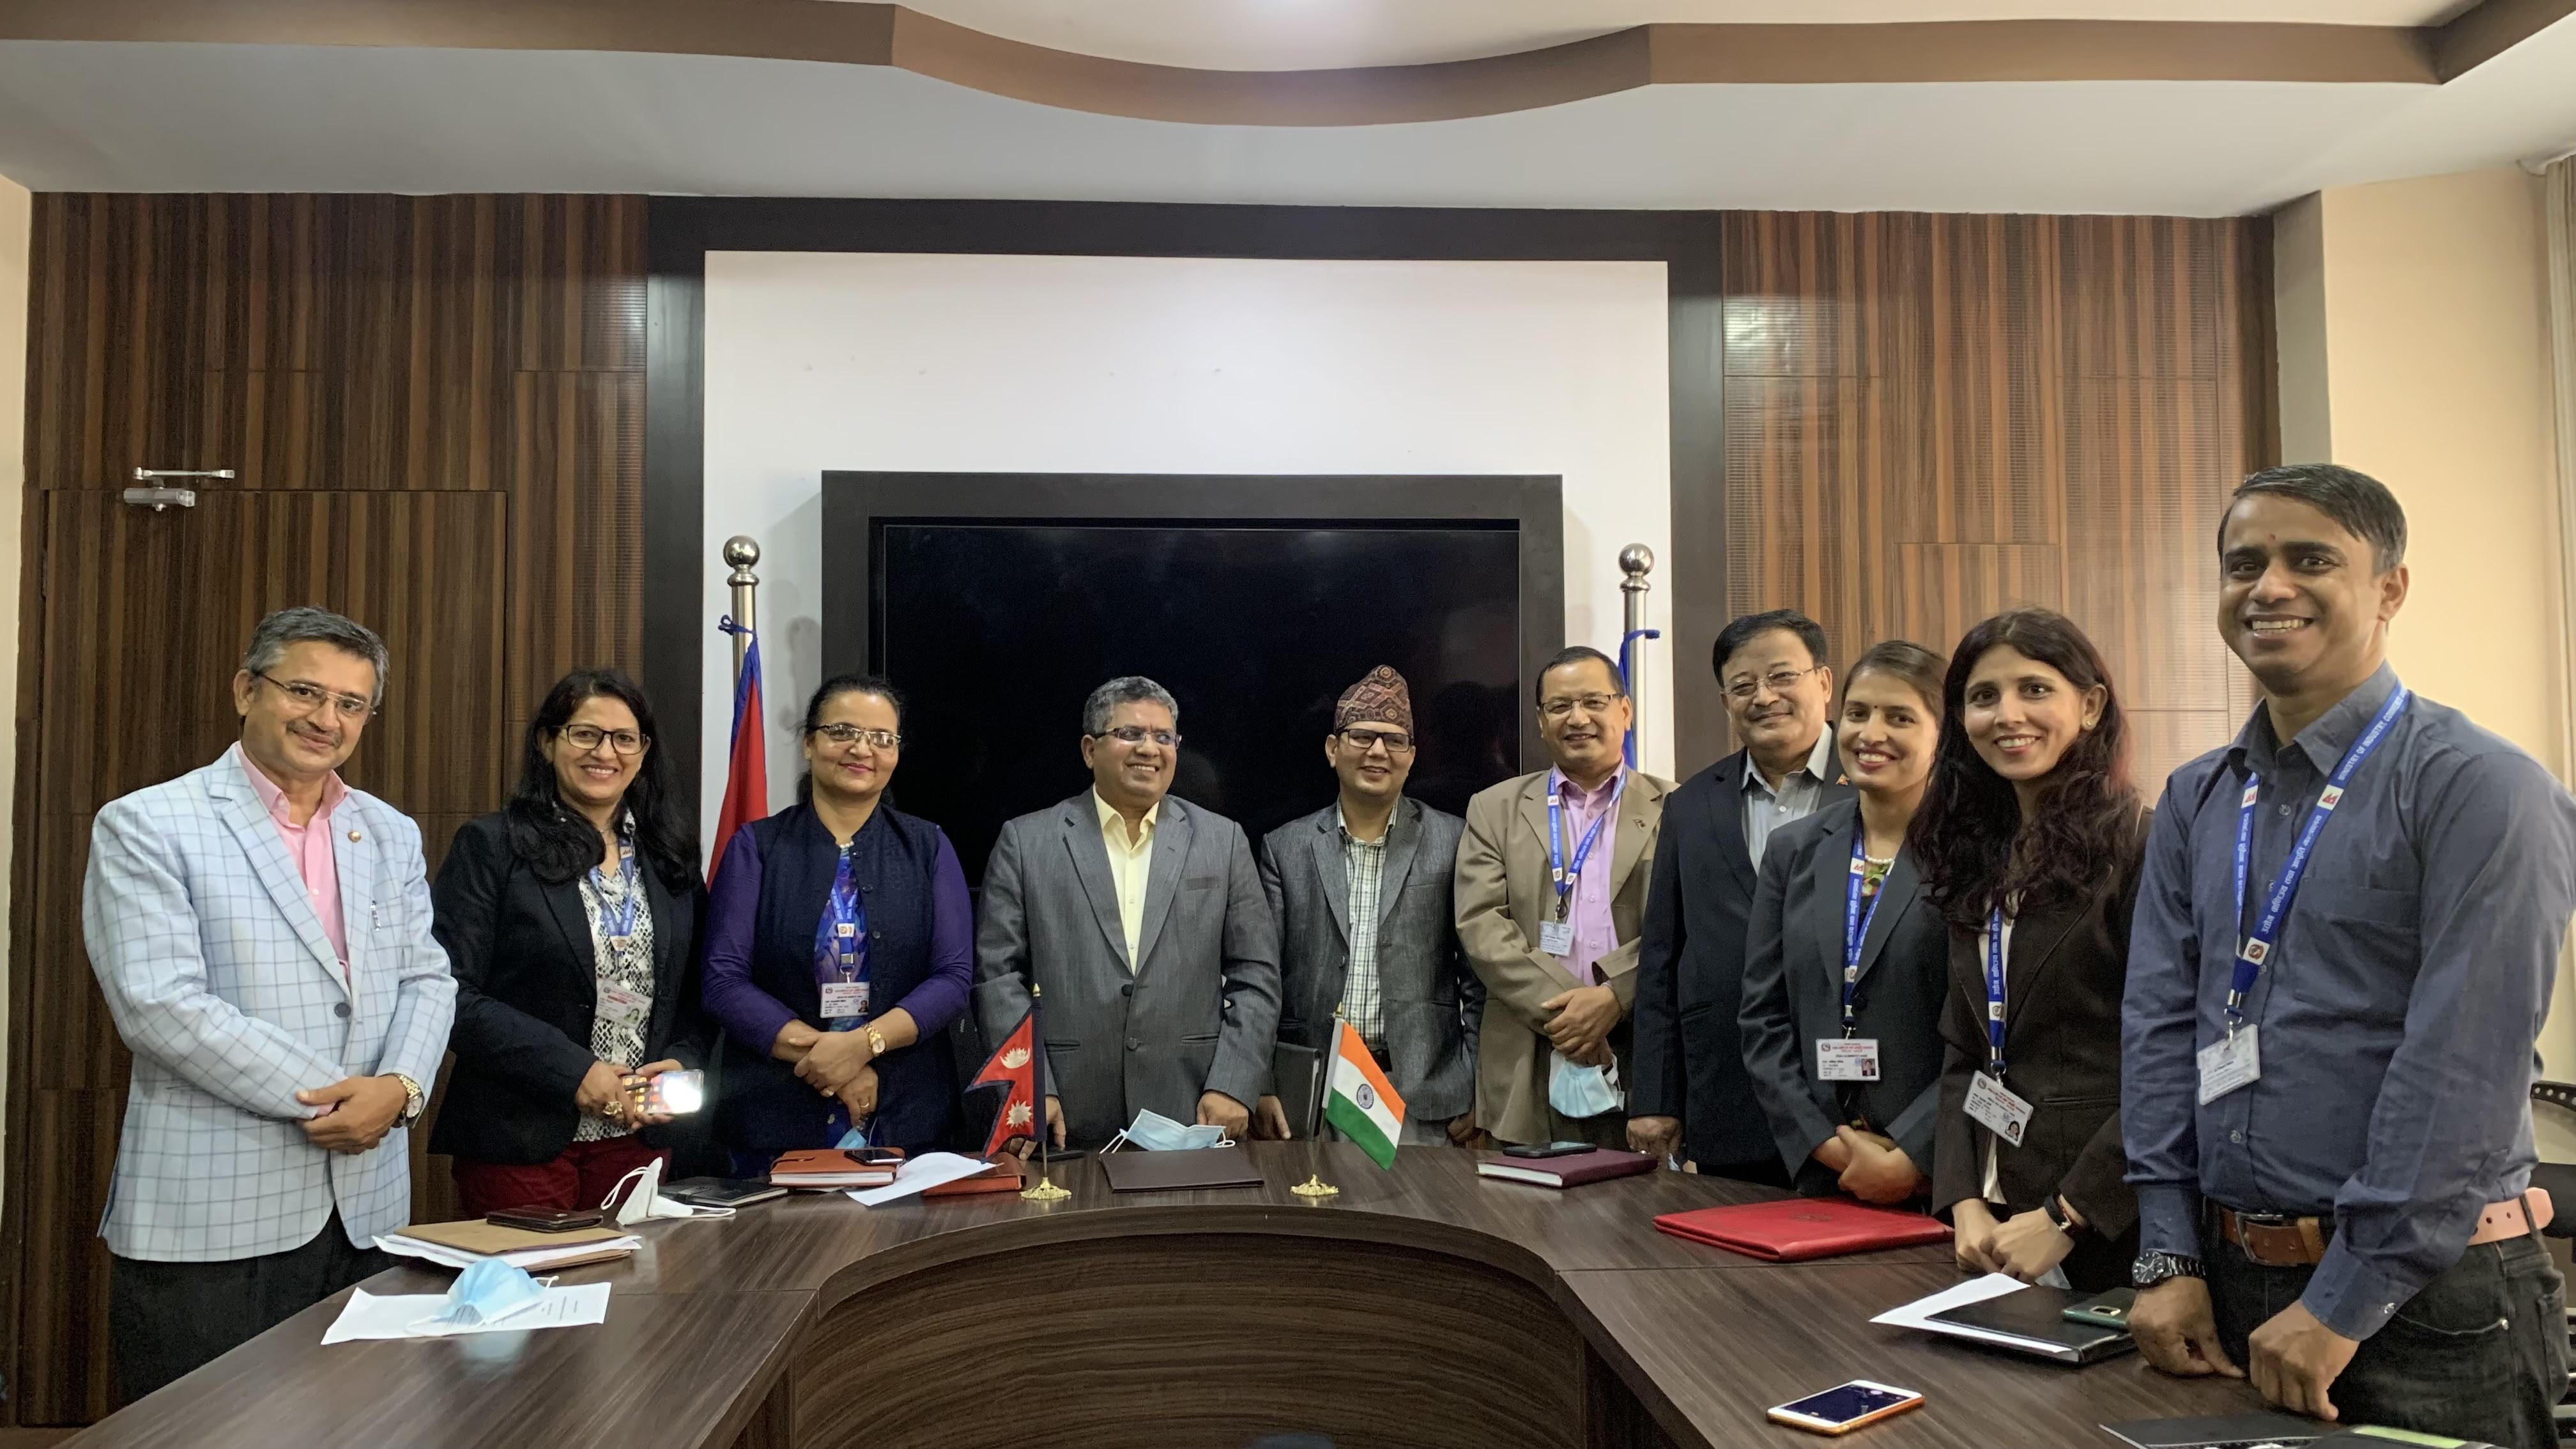 विध्यमान नेपाल भारत रेल सेवा सम्झौतामा संशोधन गर्नका लागि नेपाल सरकार र भारत सरकारका तर्फबाट हस्ताक्षर गरिएको Letter of Exchange (LoE) आदान प्रदान गरिएको छ ।